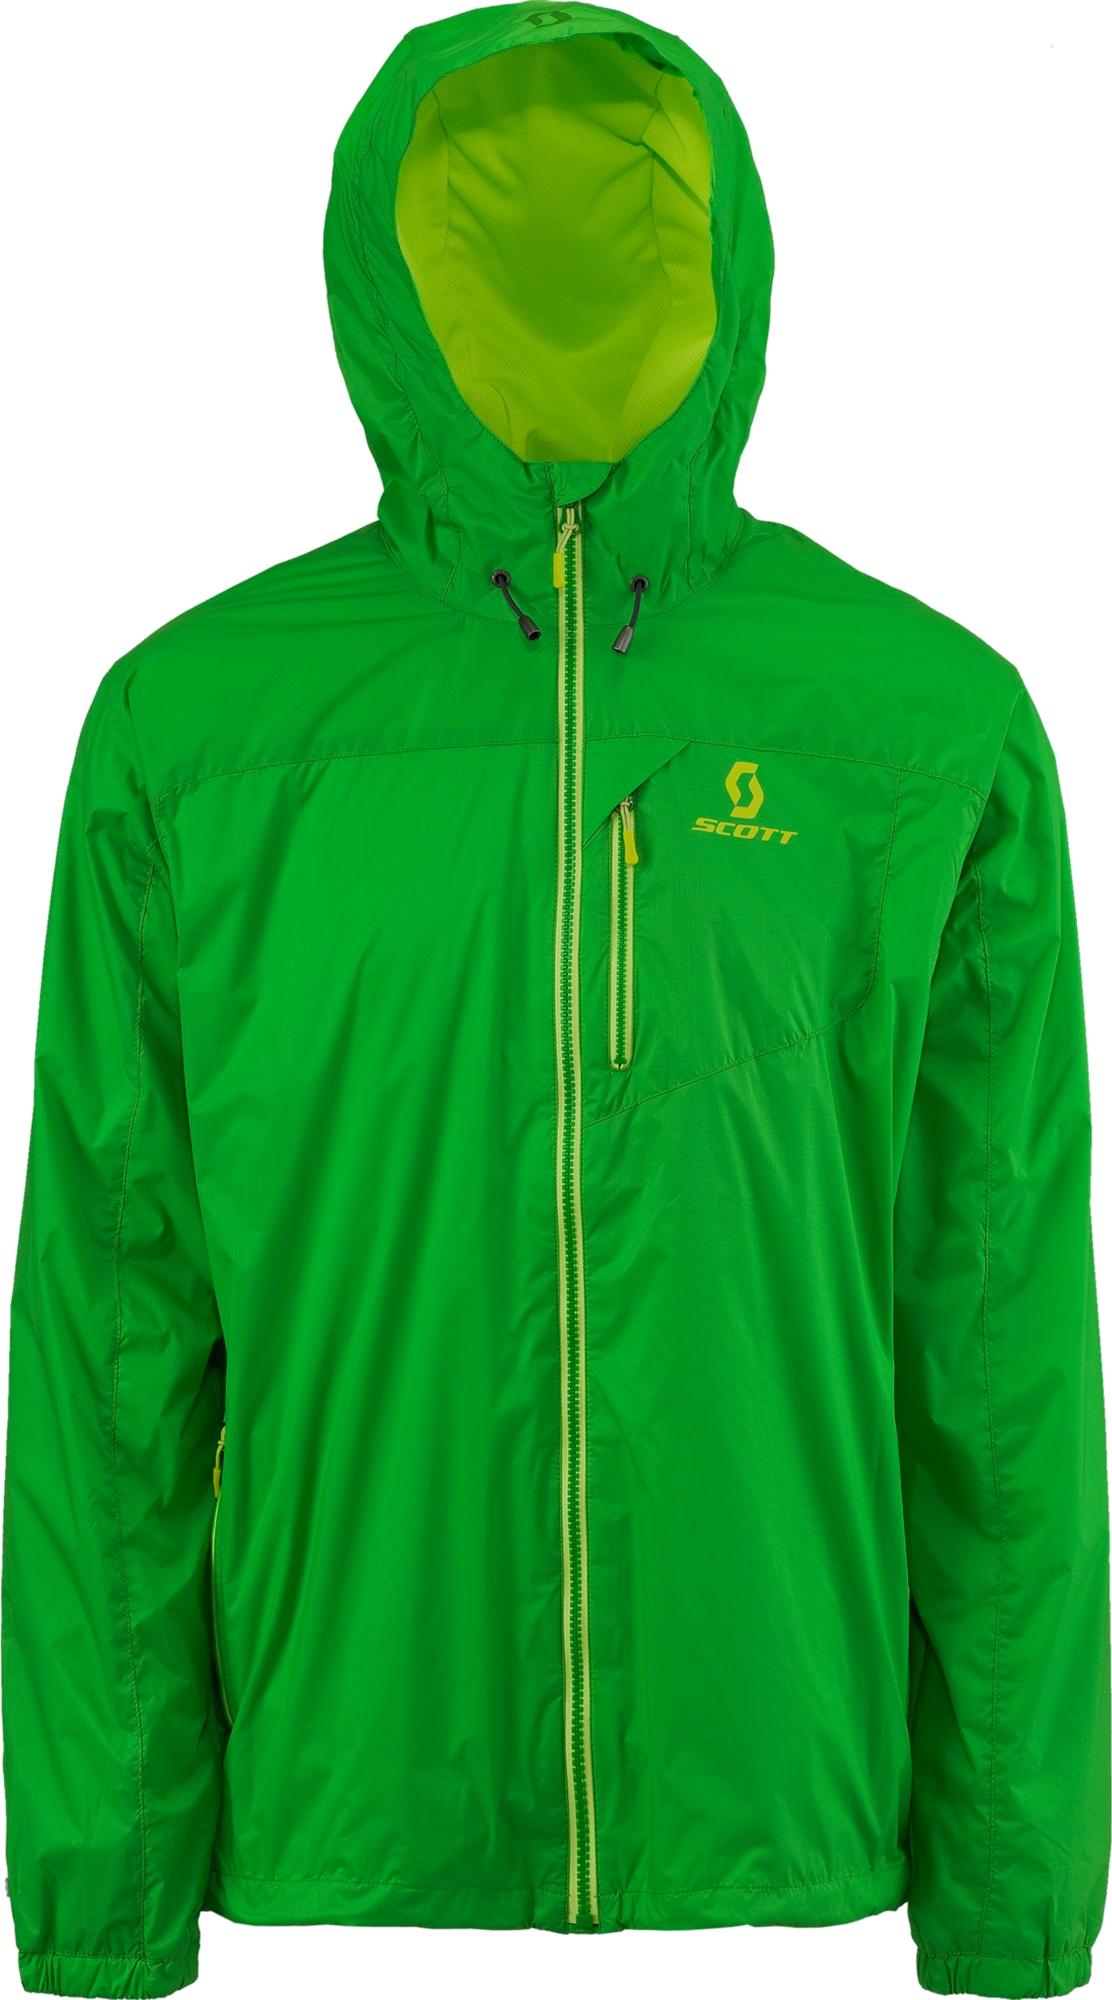 Scott Green Jacket Png Image Jackets Green Jacket Athletic Jacket [ 2000 x 1112 Pixel ]